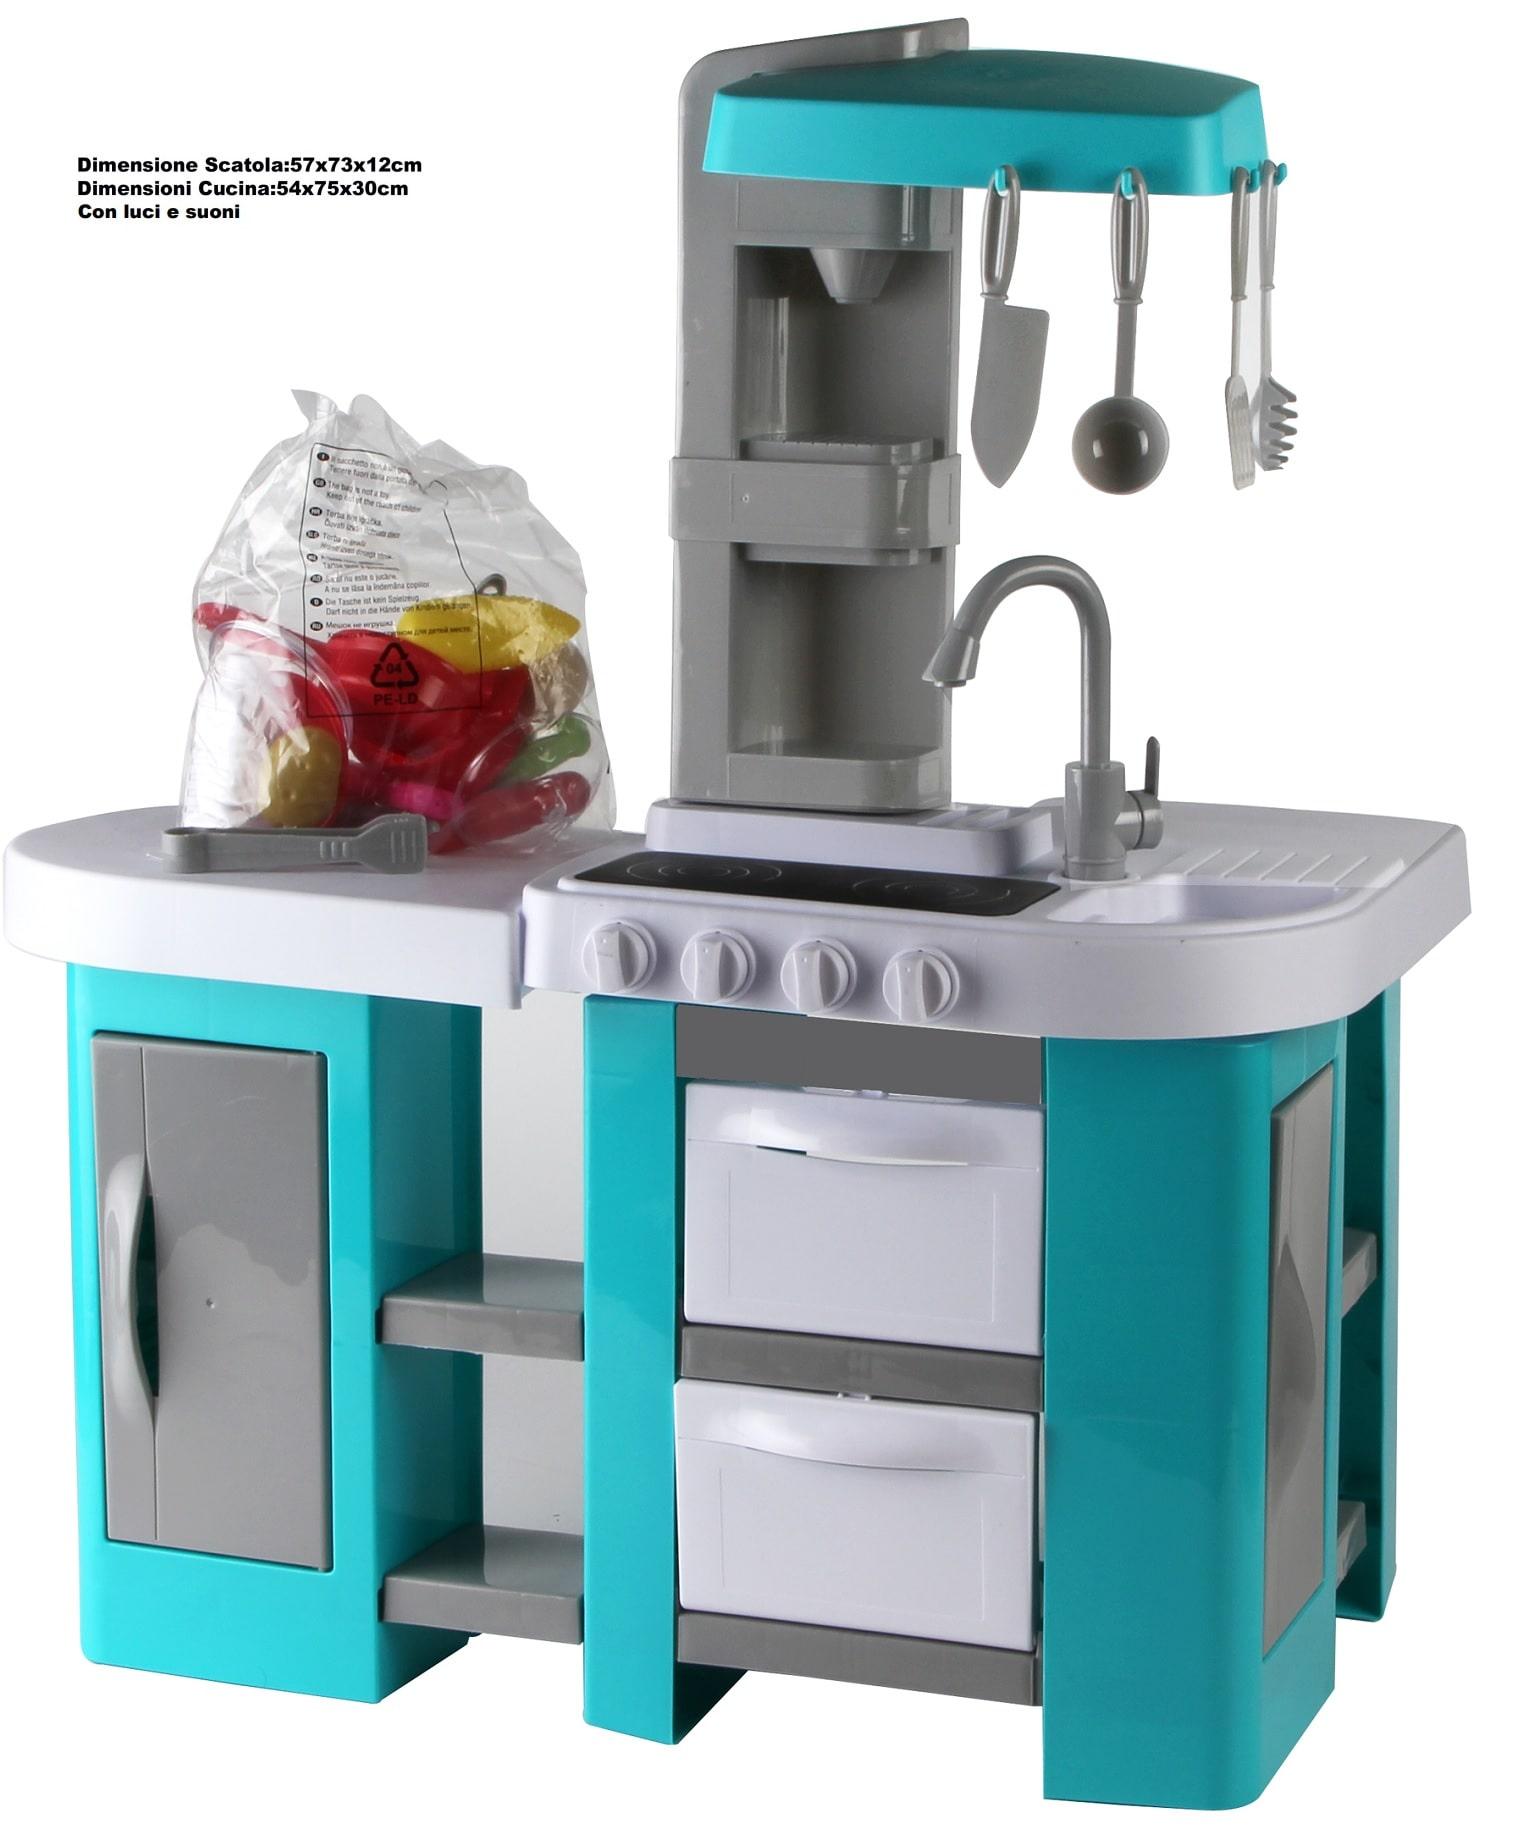 Cucina Giocattolo My Chef Per Bambini Azzurro | LGV Shopping